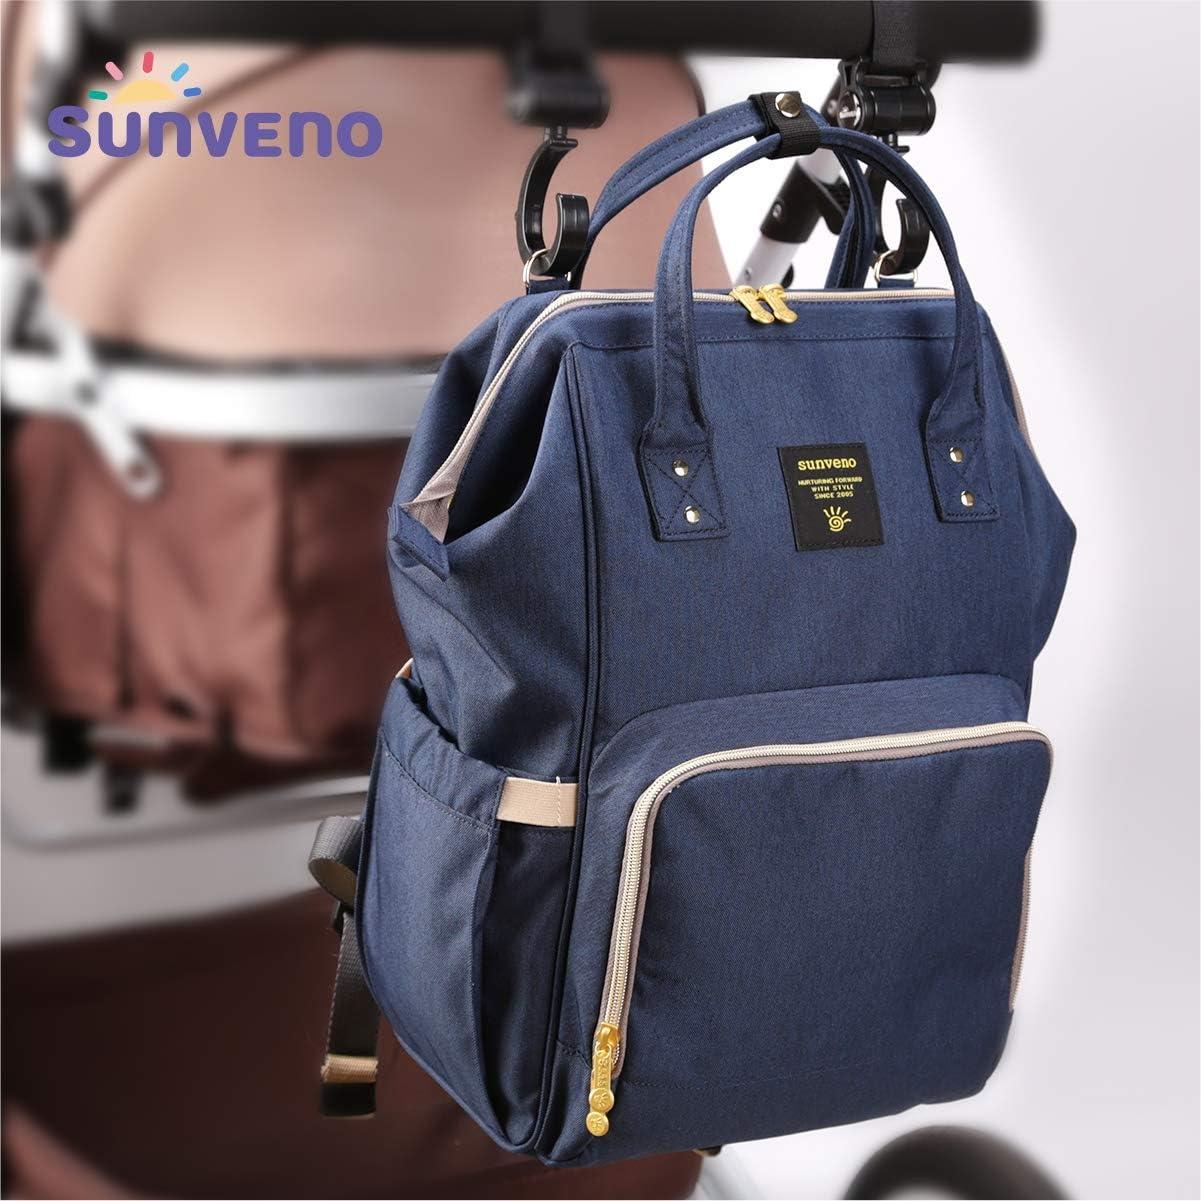 Mochila para cambiar pa/ñales Sunveno NB22179-ZQ-USB-E-VC color azul